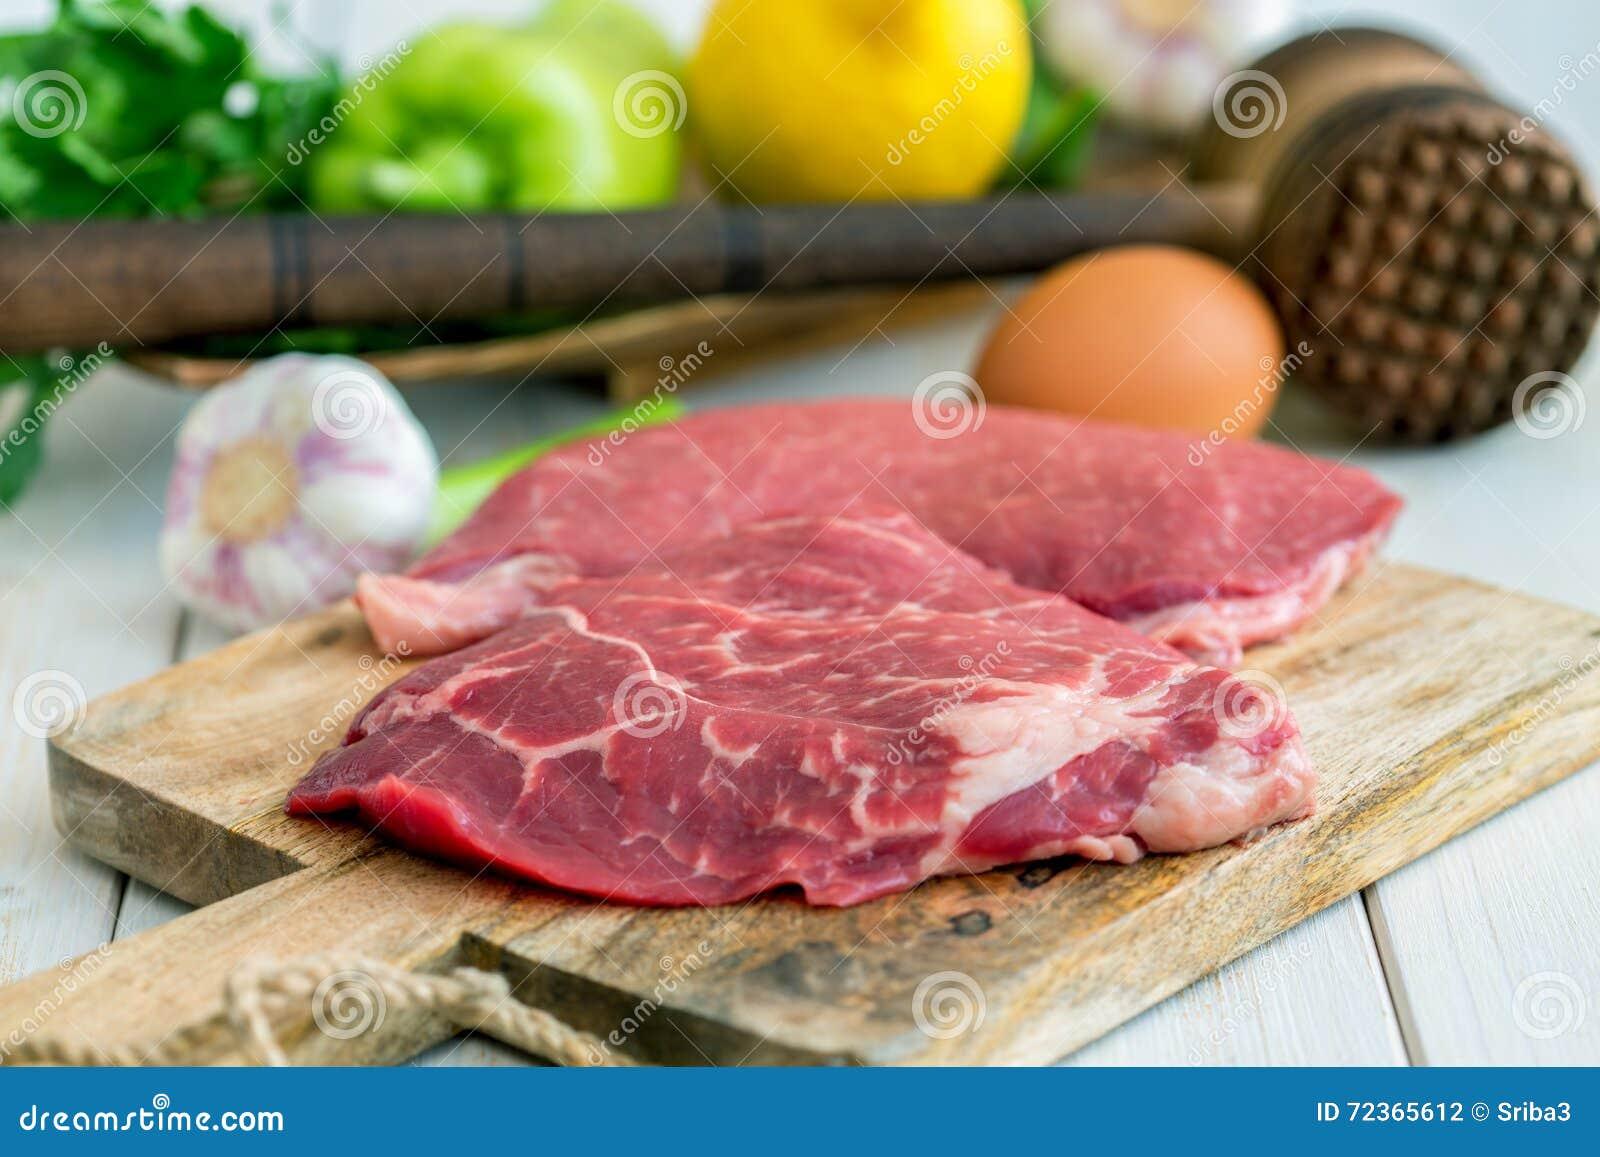 Produtos para preparar costeletas de carneiro